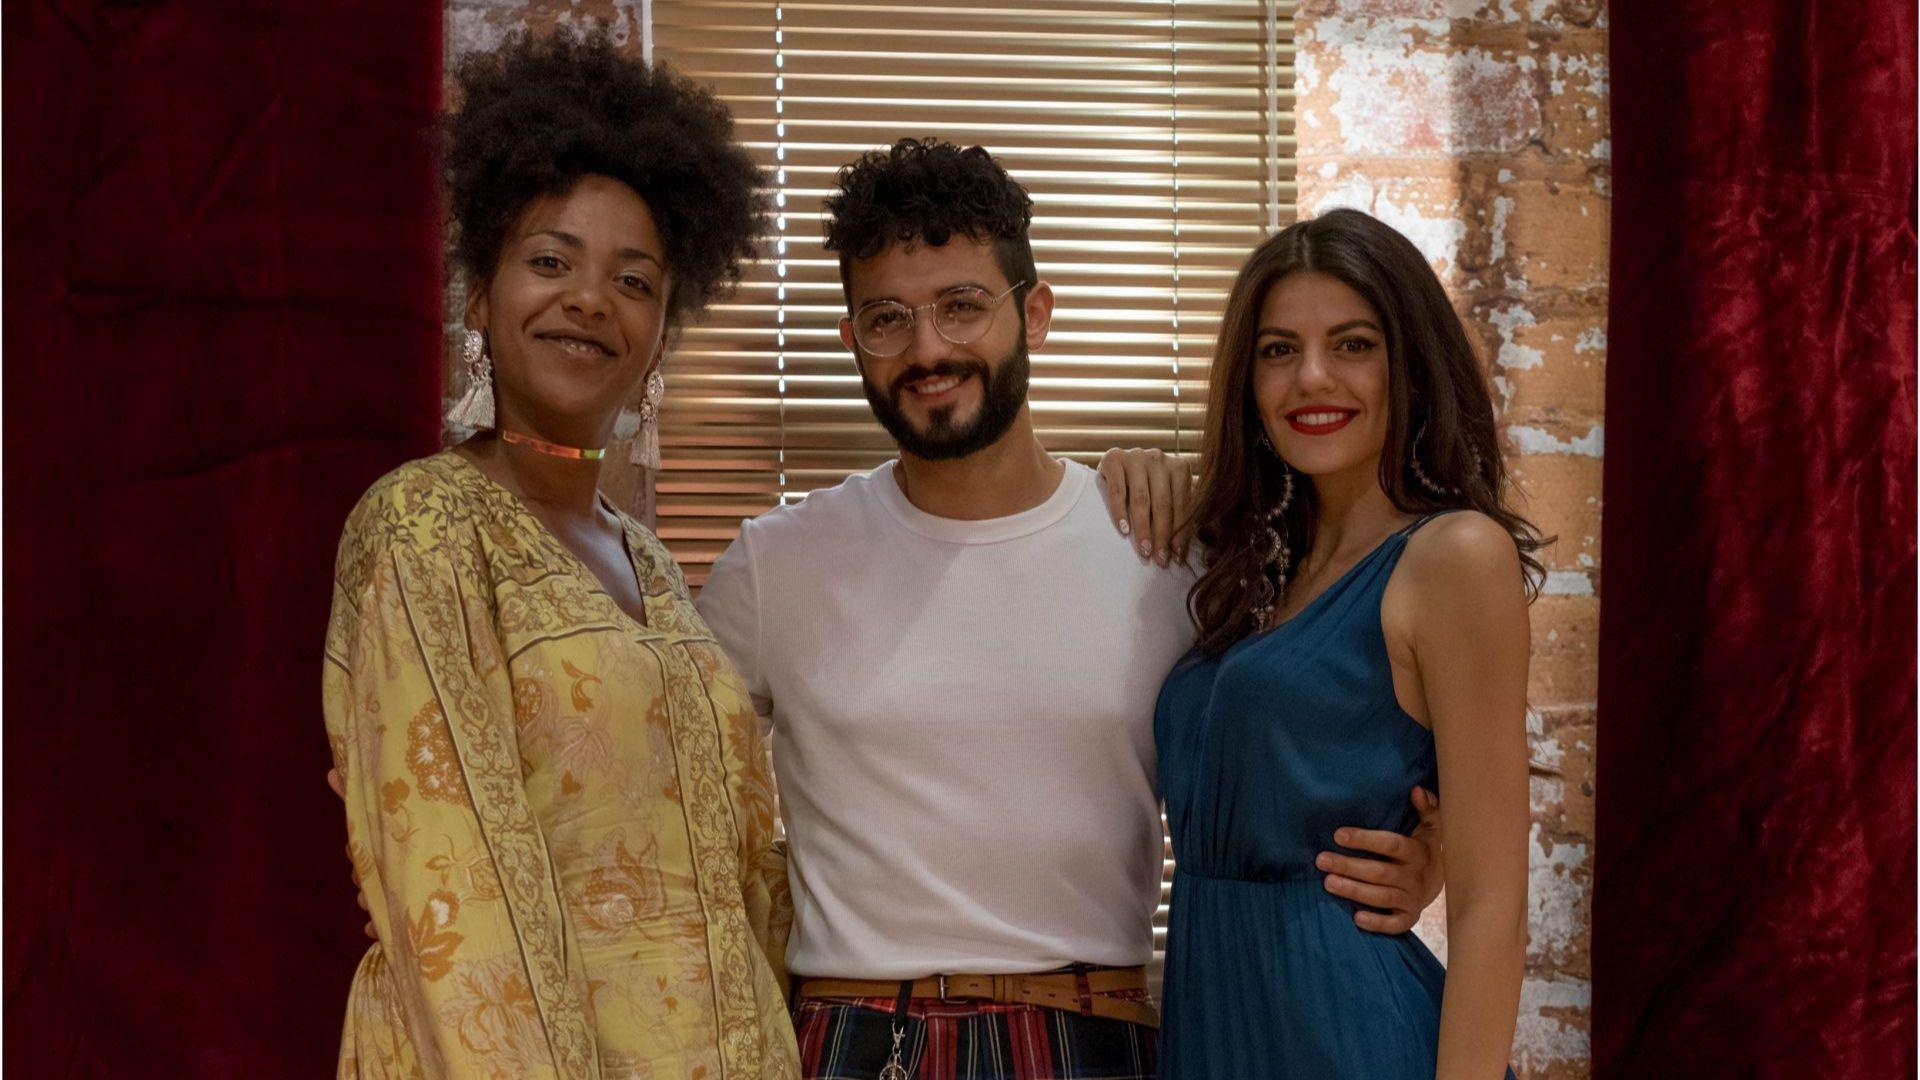 Михаела Филева, Мария Силвестър и Прея се насладиха на новата колекция на H&M